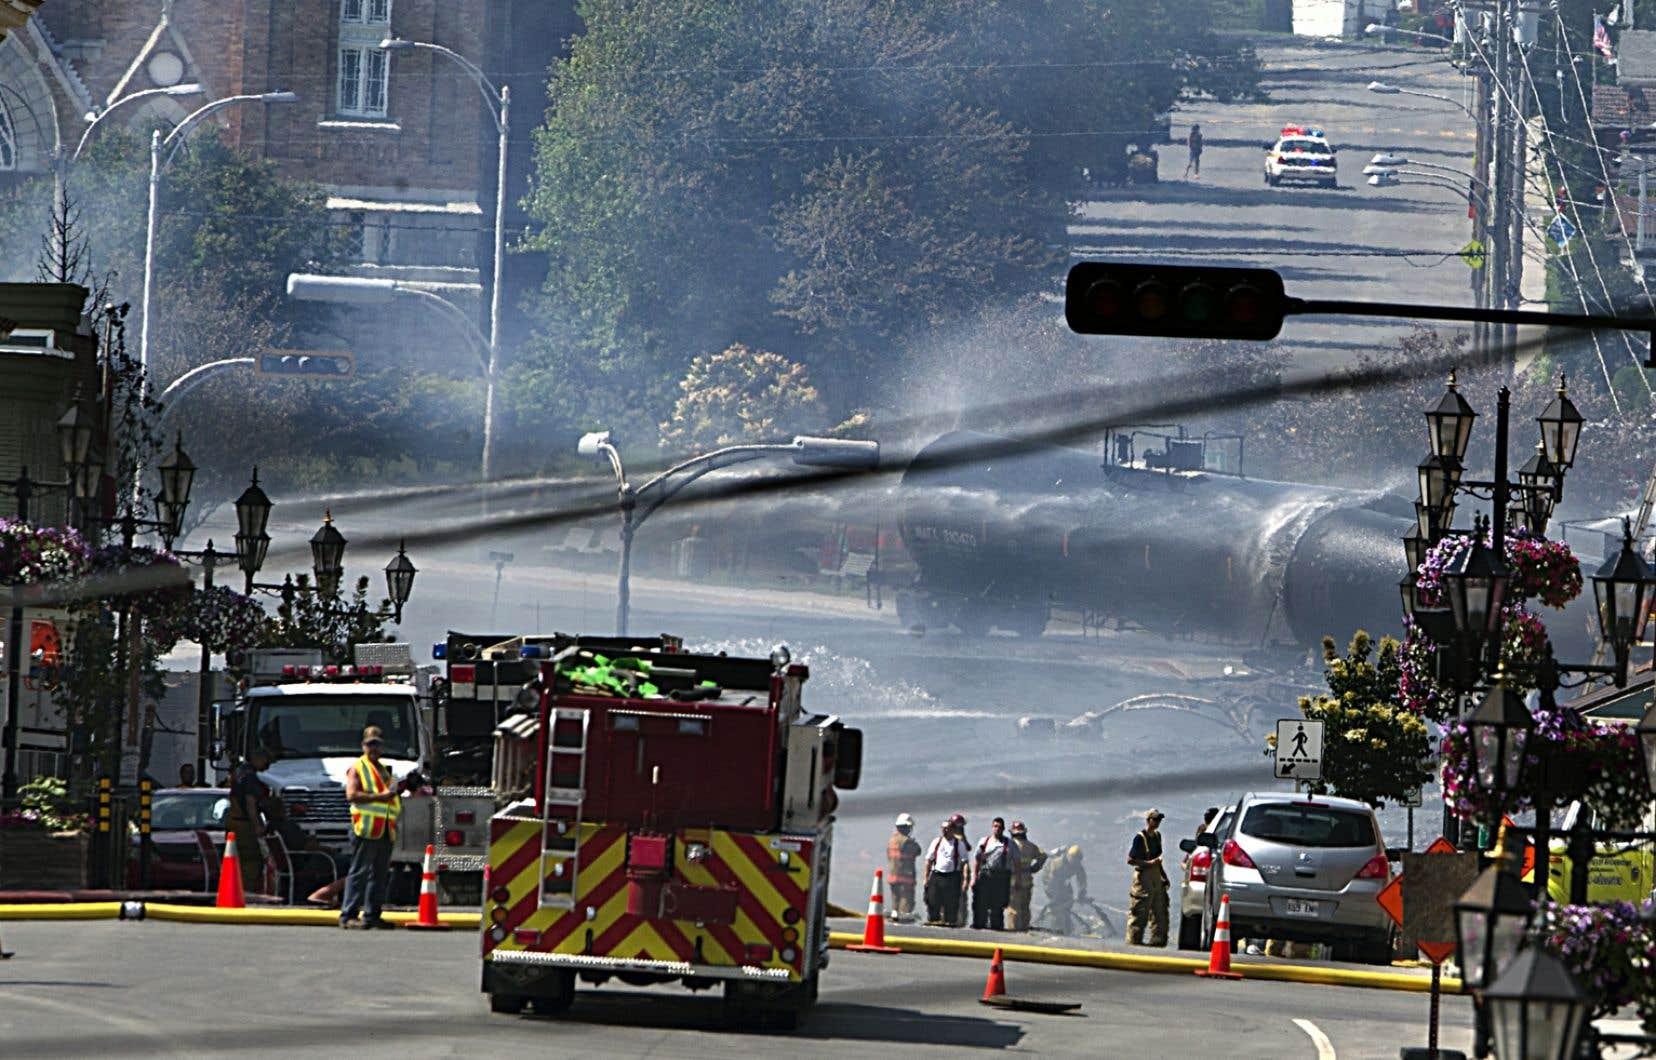 Les pompiers ont cessé d'arroser les wagons de la MMA qui demeurent sur le site.